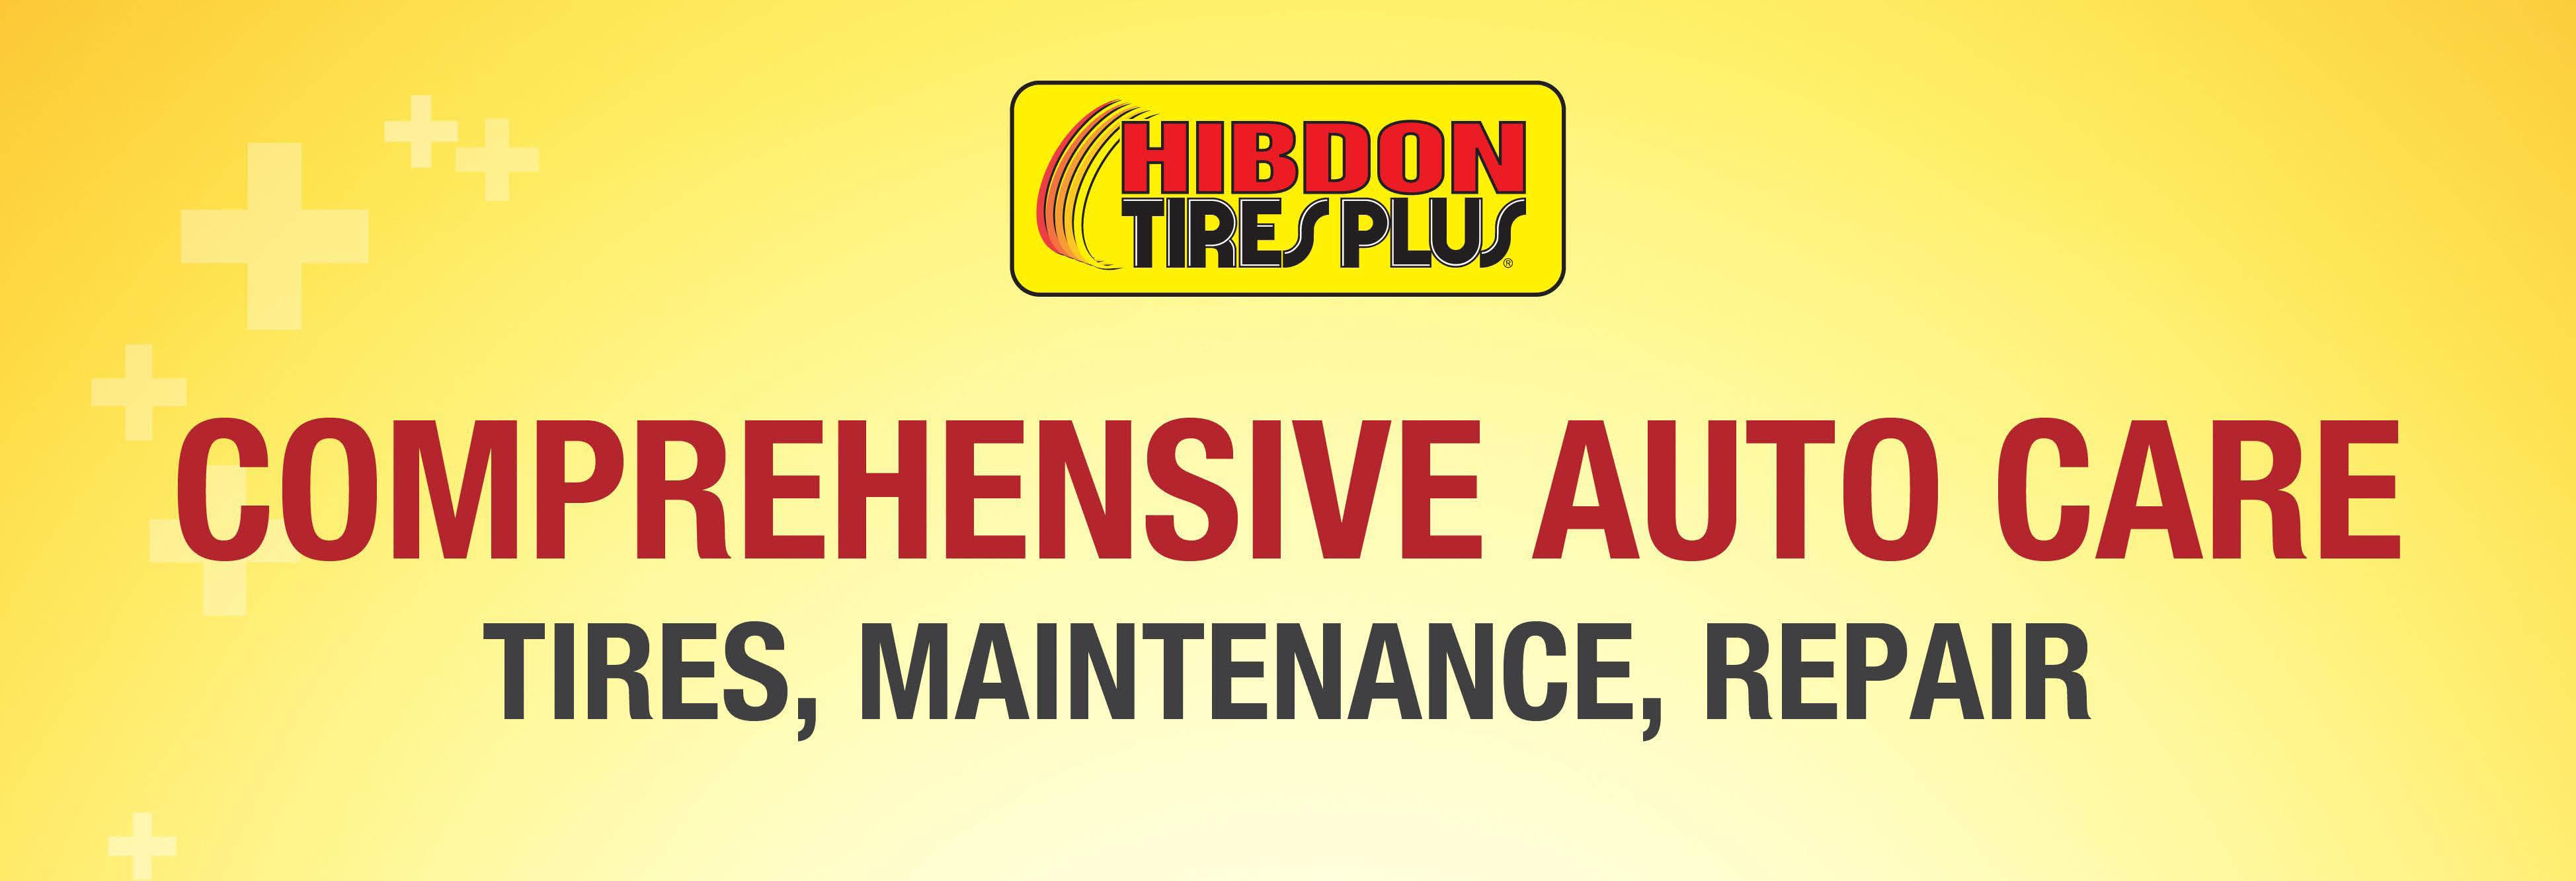 Hibdon Tires Plus near me Edmond OK Oklahoma Tires Plus Oil change coupon